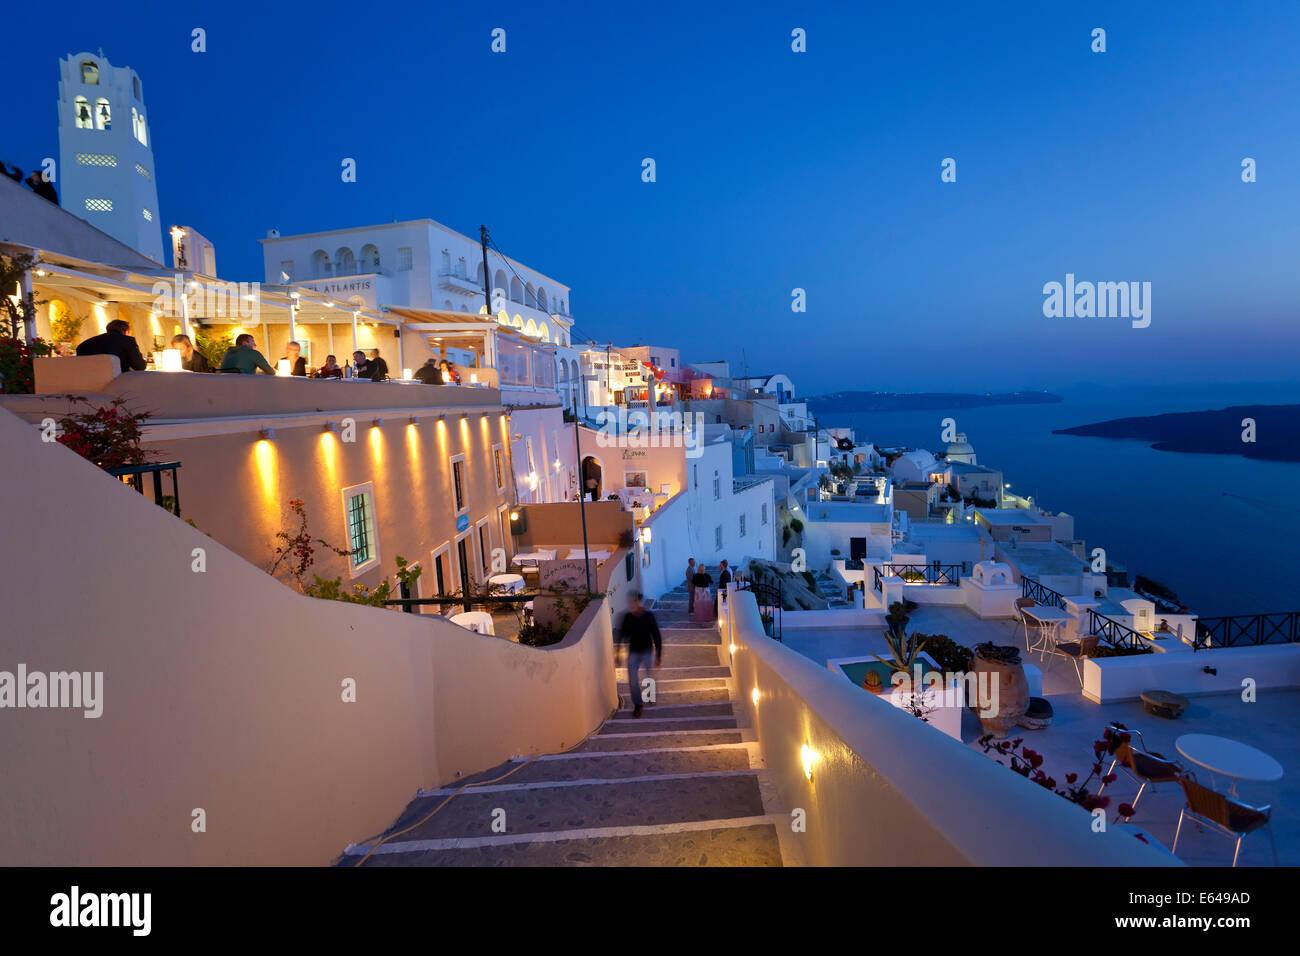 La cittadina di Fira e al crepuscolo, Fira, Santorini (Thira), Cicladi Grecia Immagini Stock